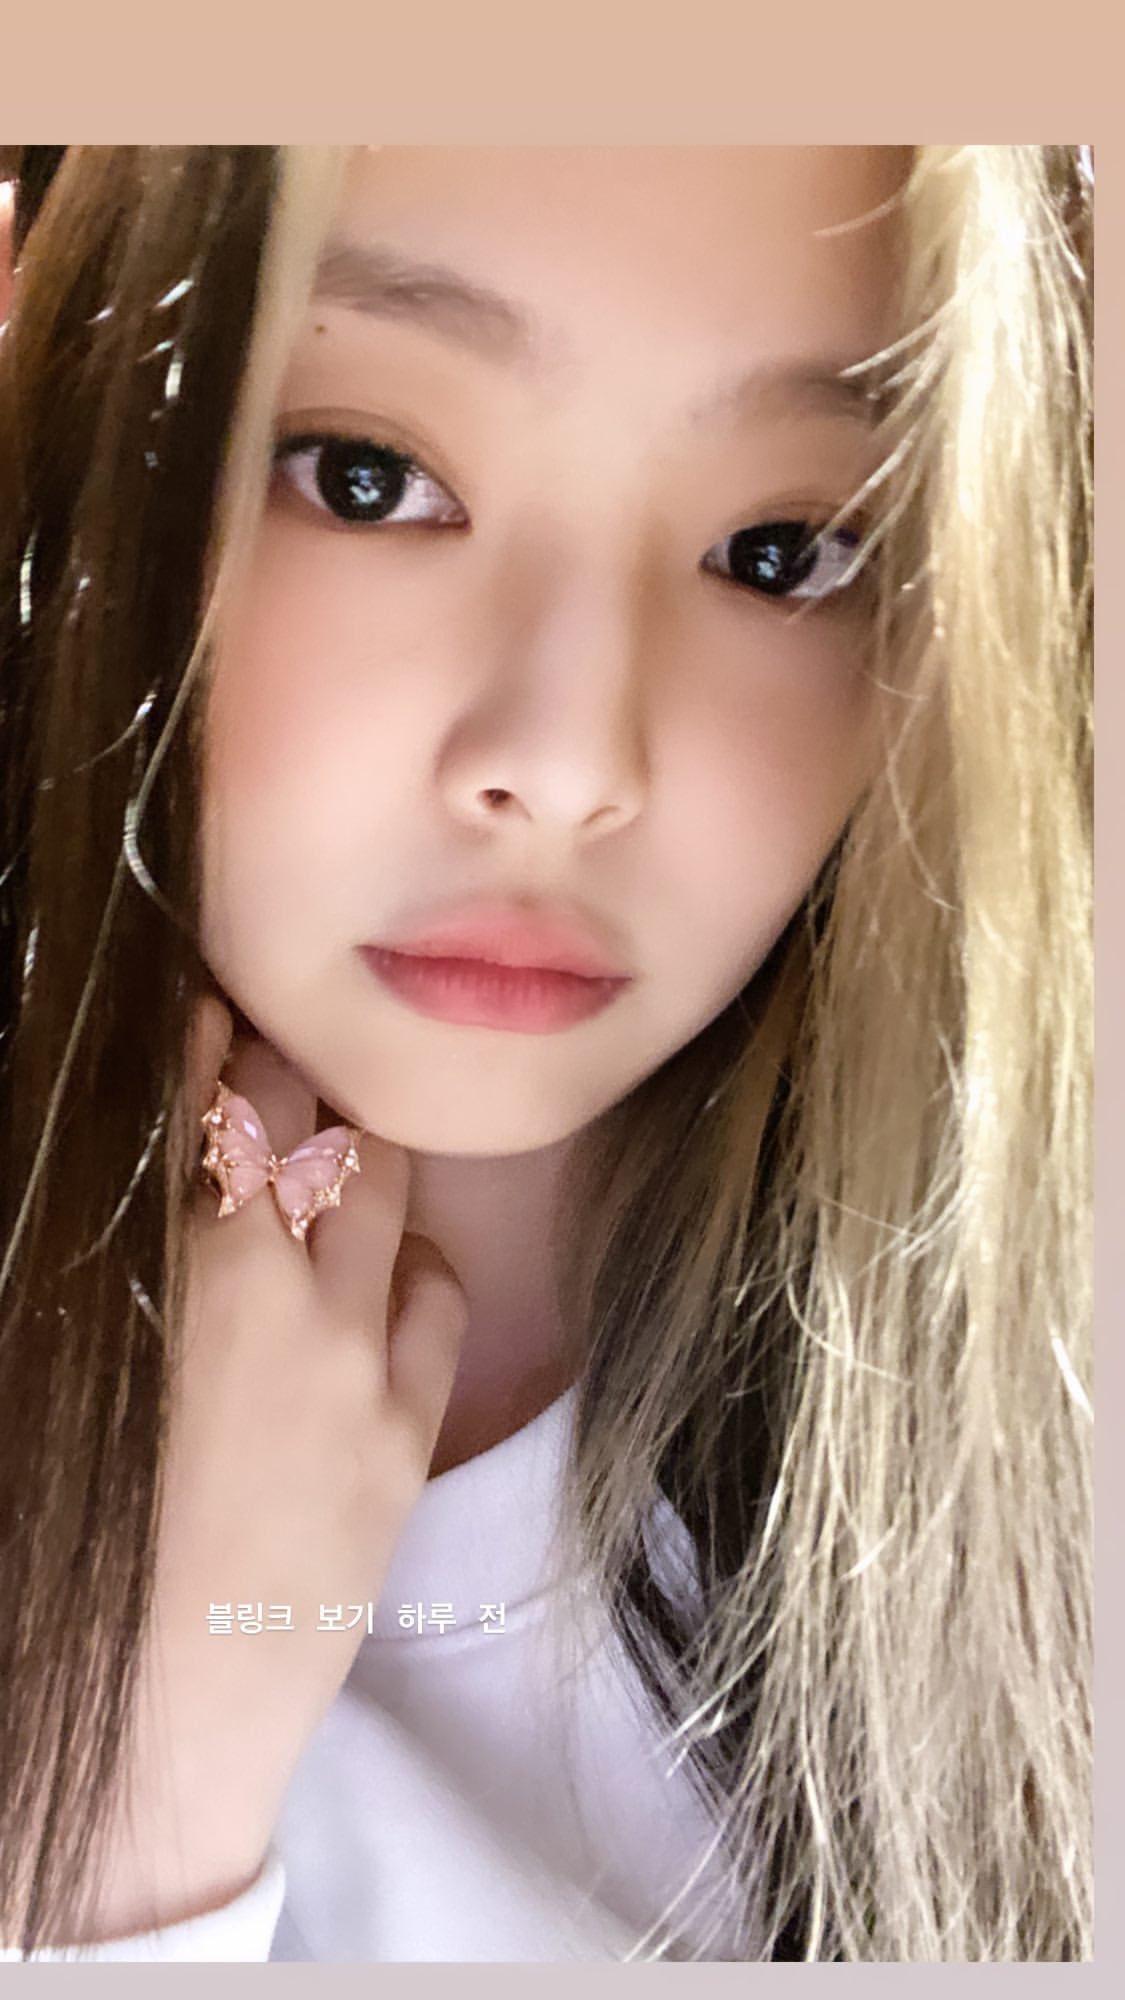 """Trước thềm Black Pink comeback, cứ tưởng Jennie bị """"dí"""" cho nhẫn đồ chơi rẻ tiền mà đến khi bóc giá thì ai cũng choáng - Ảnh 1."""